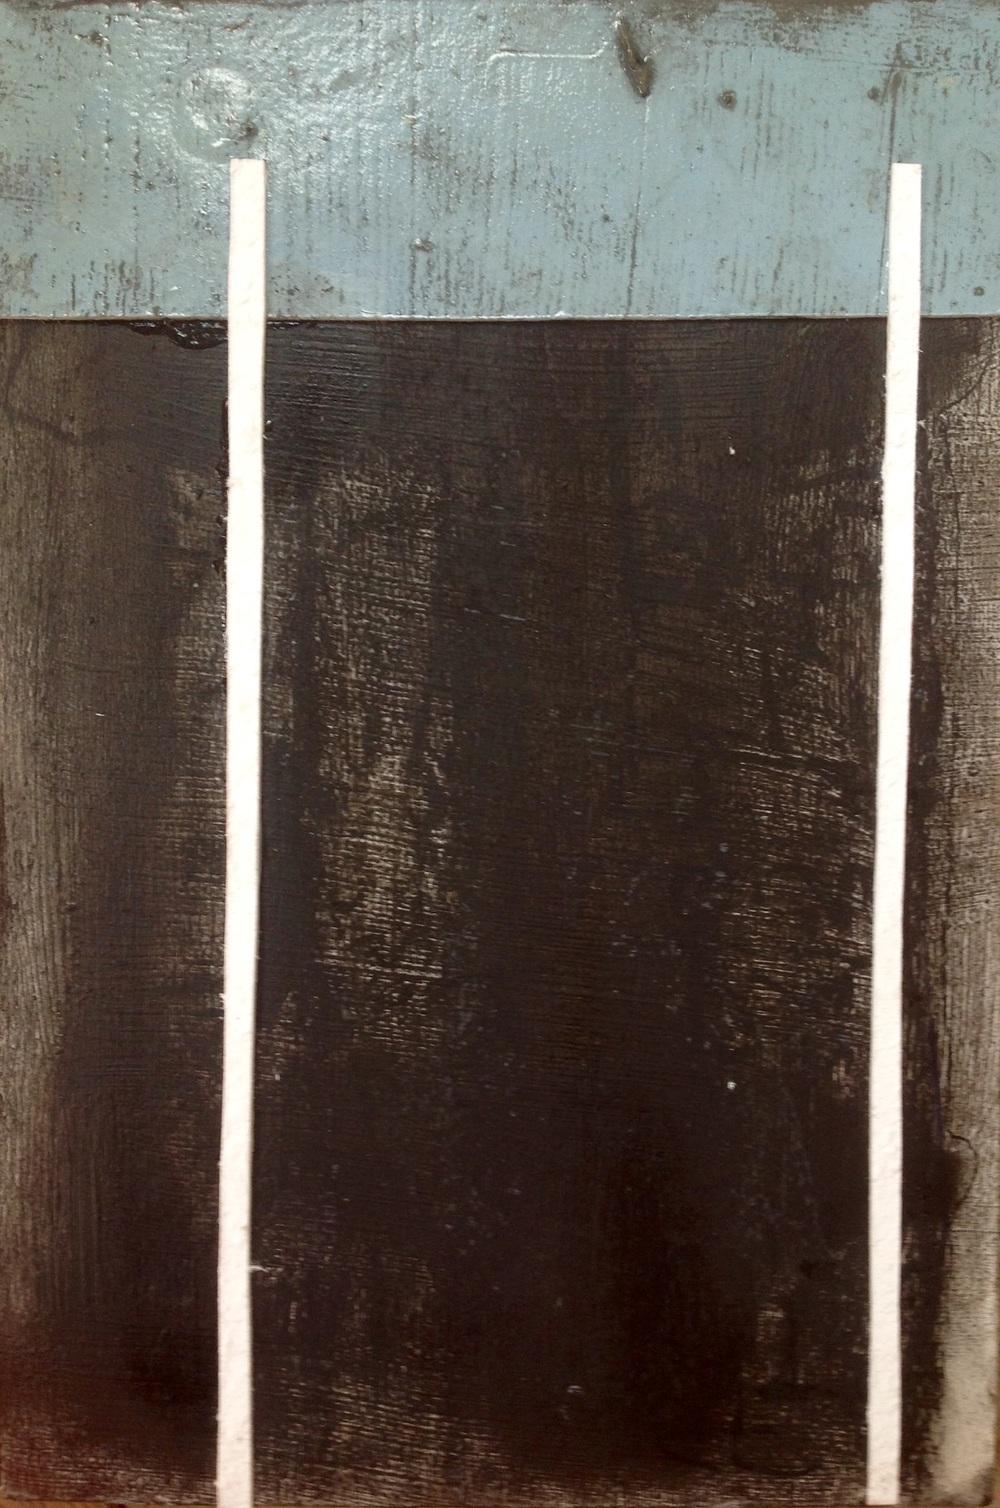 Werk;zonder titel  20x30cm  gemengde technieken,hout ,karton,drukinkt en pastelkrijt